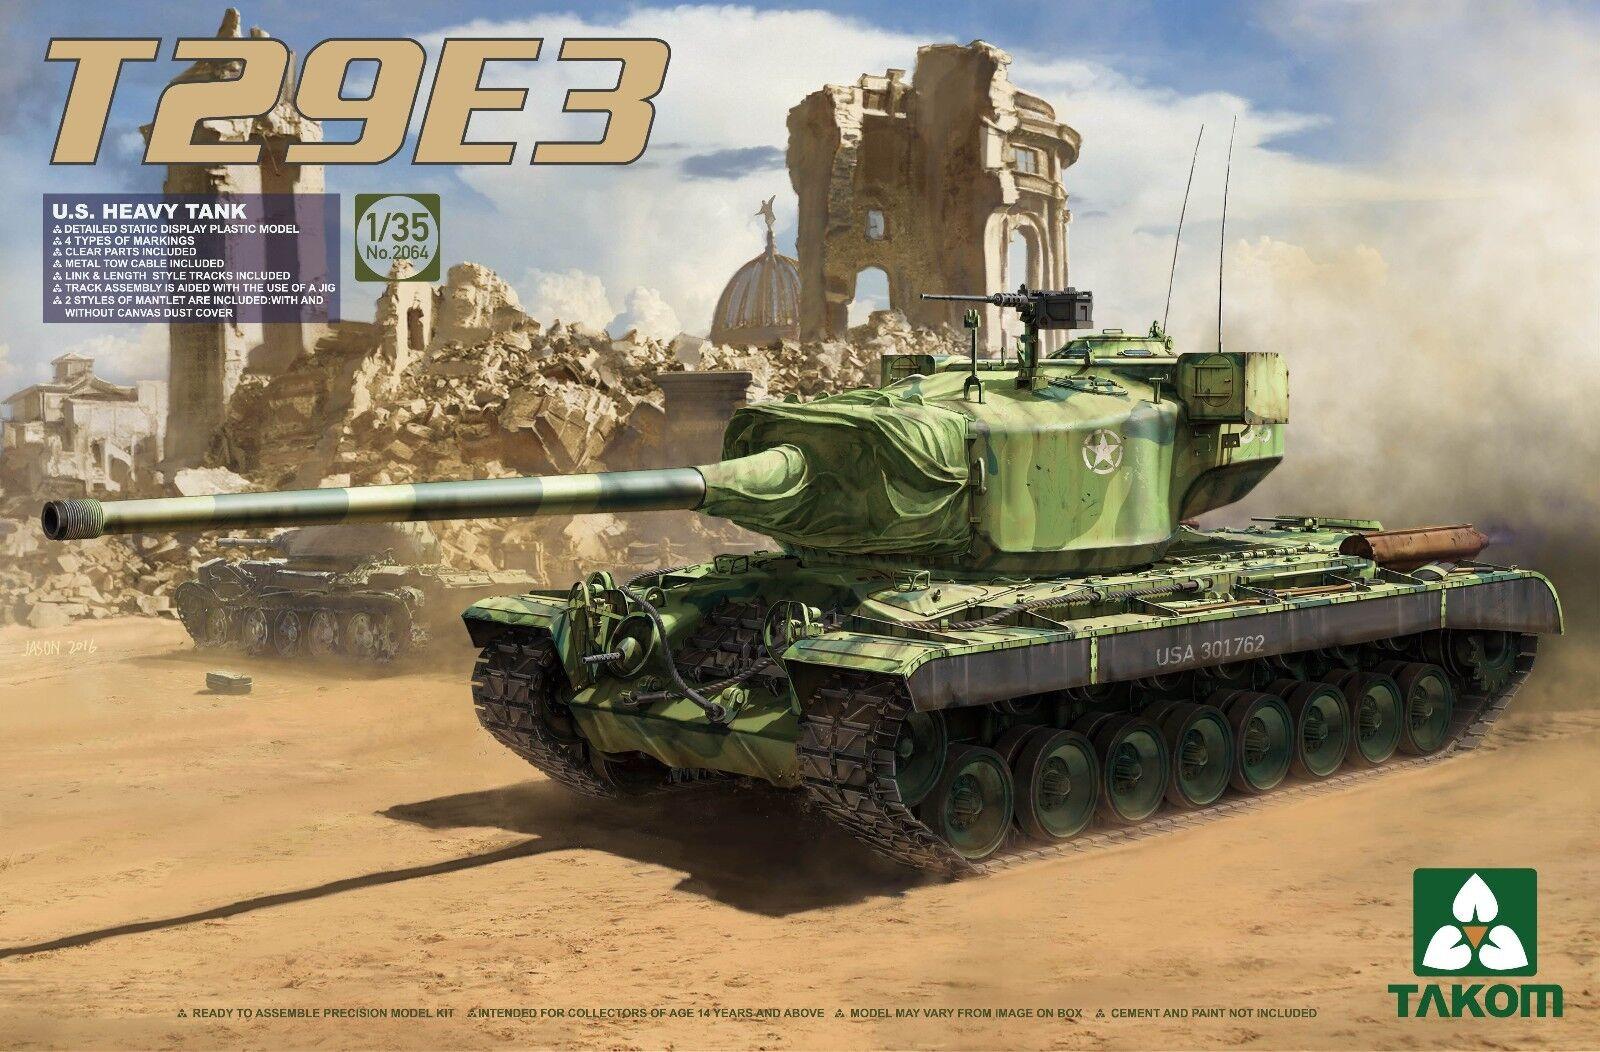 Takom 1 35 2064 US Heavy Tank T-29E3